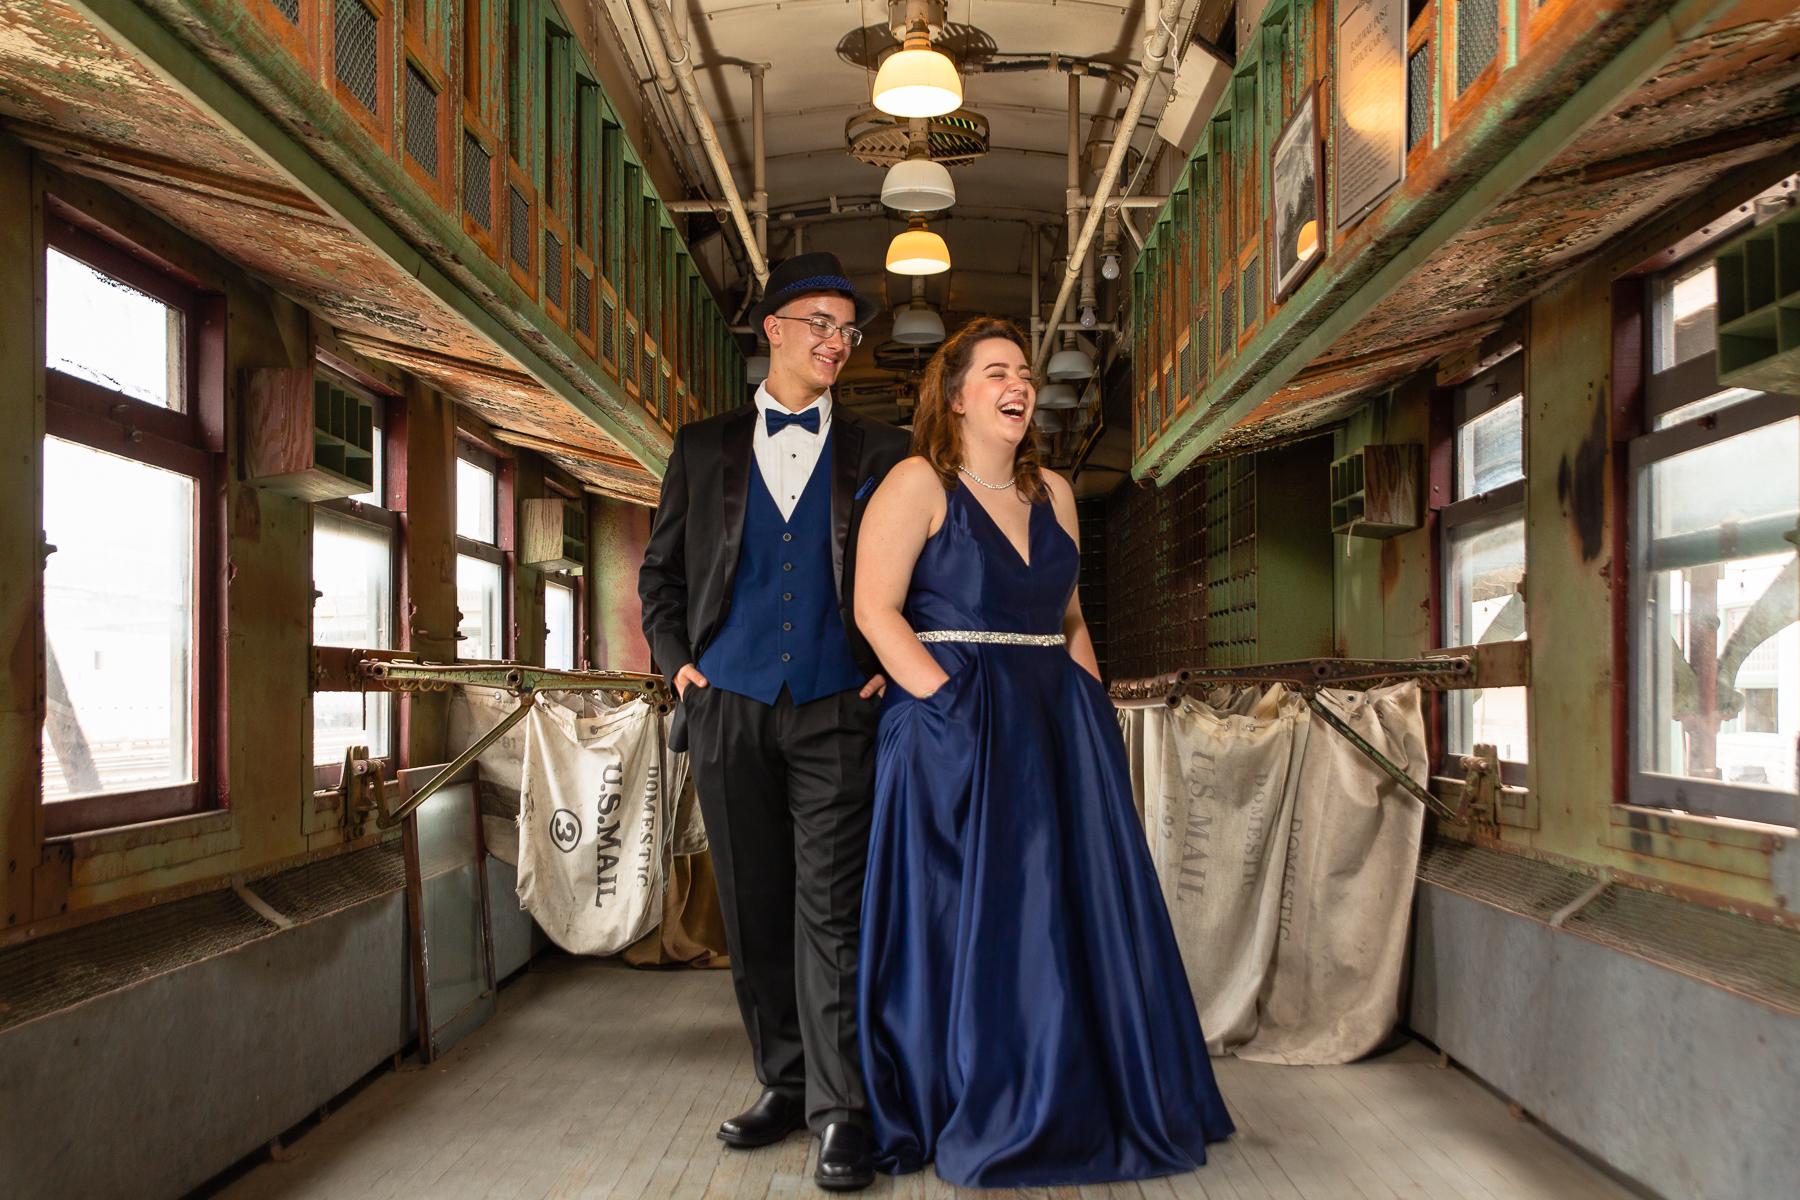 Joey and Savannah at Prom 2019-1.JPG